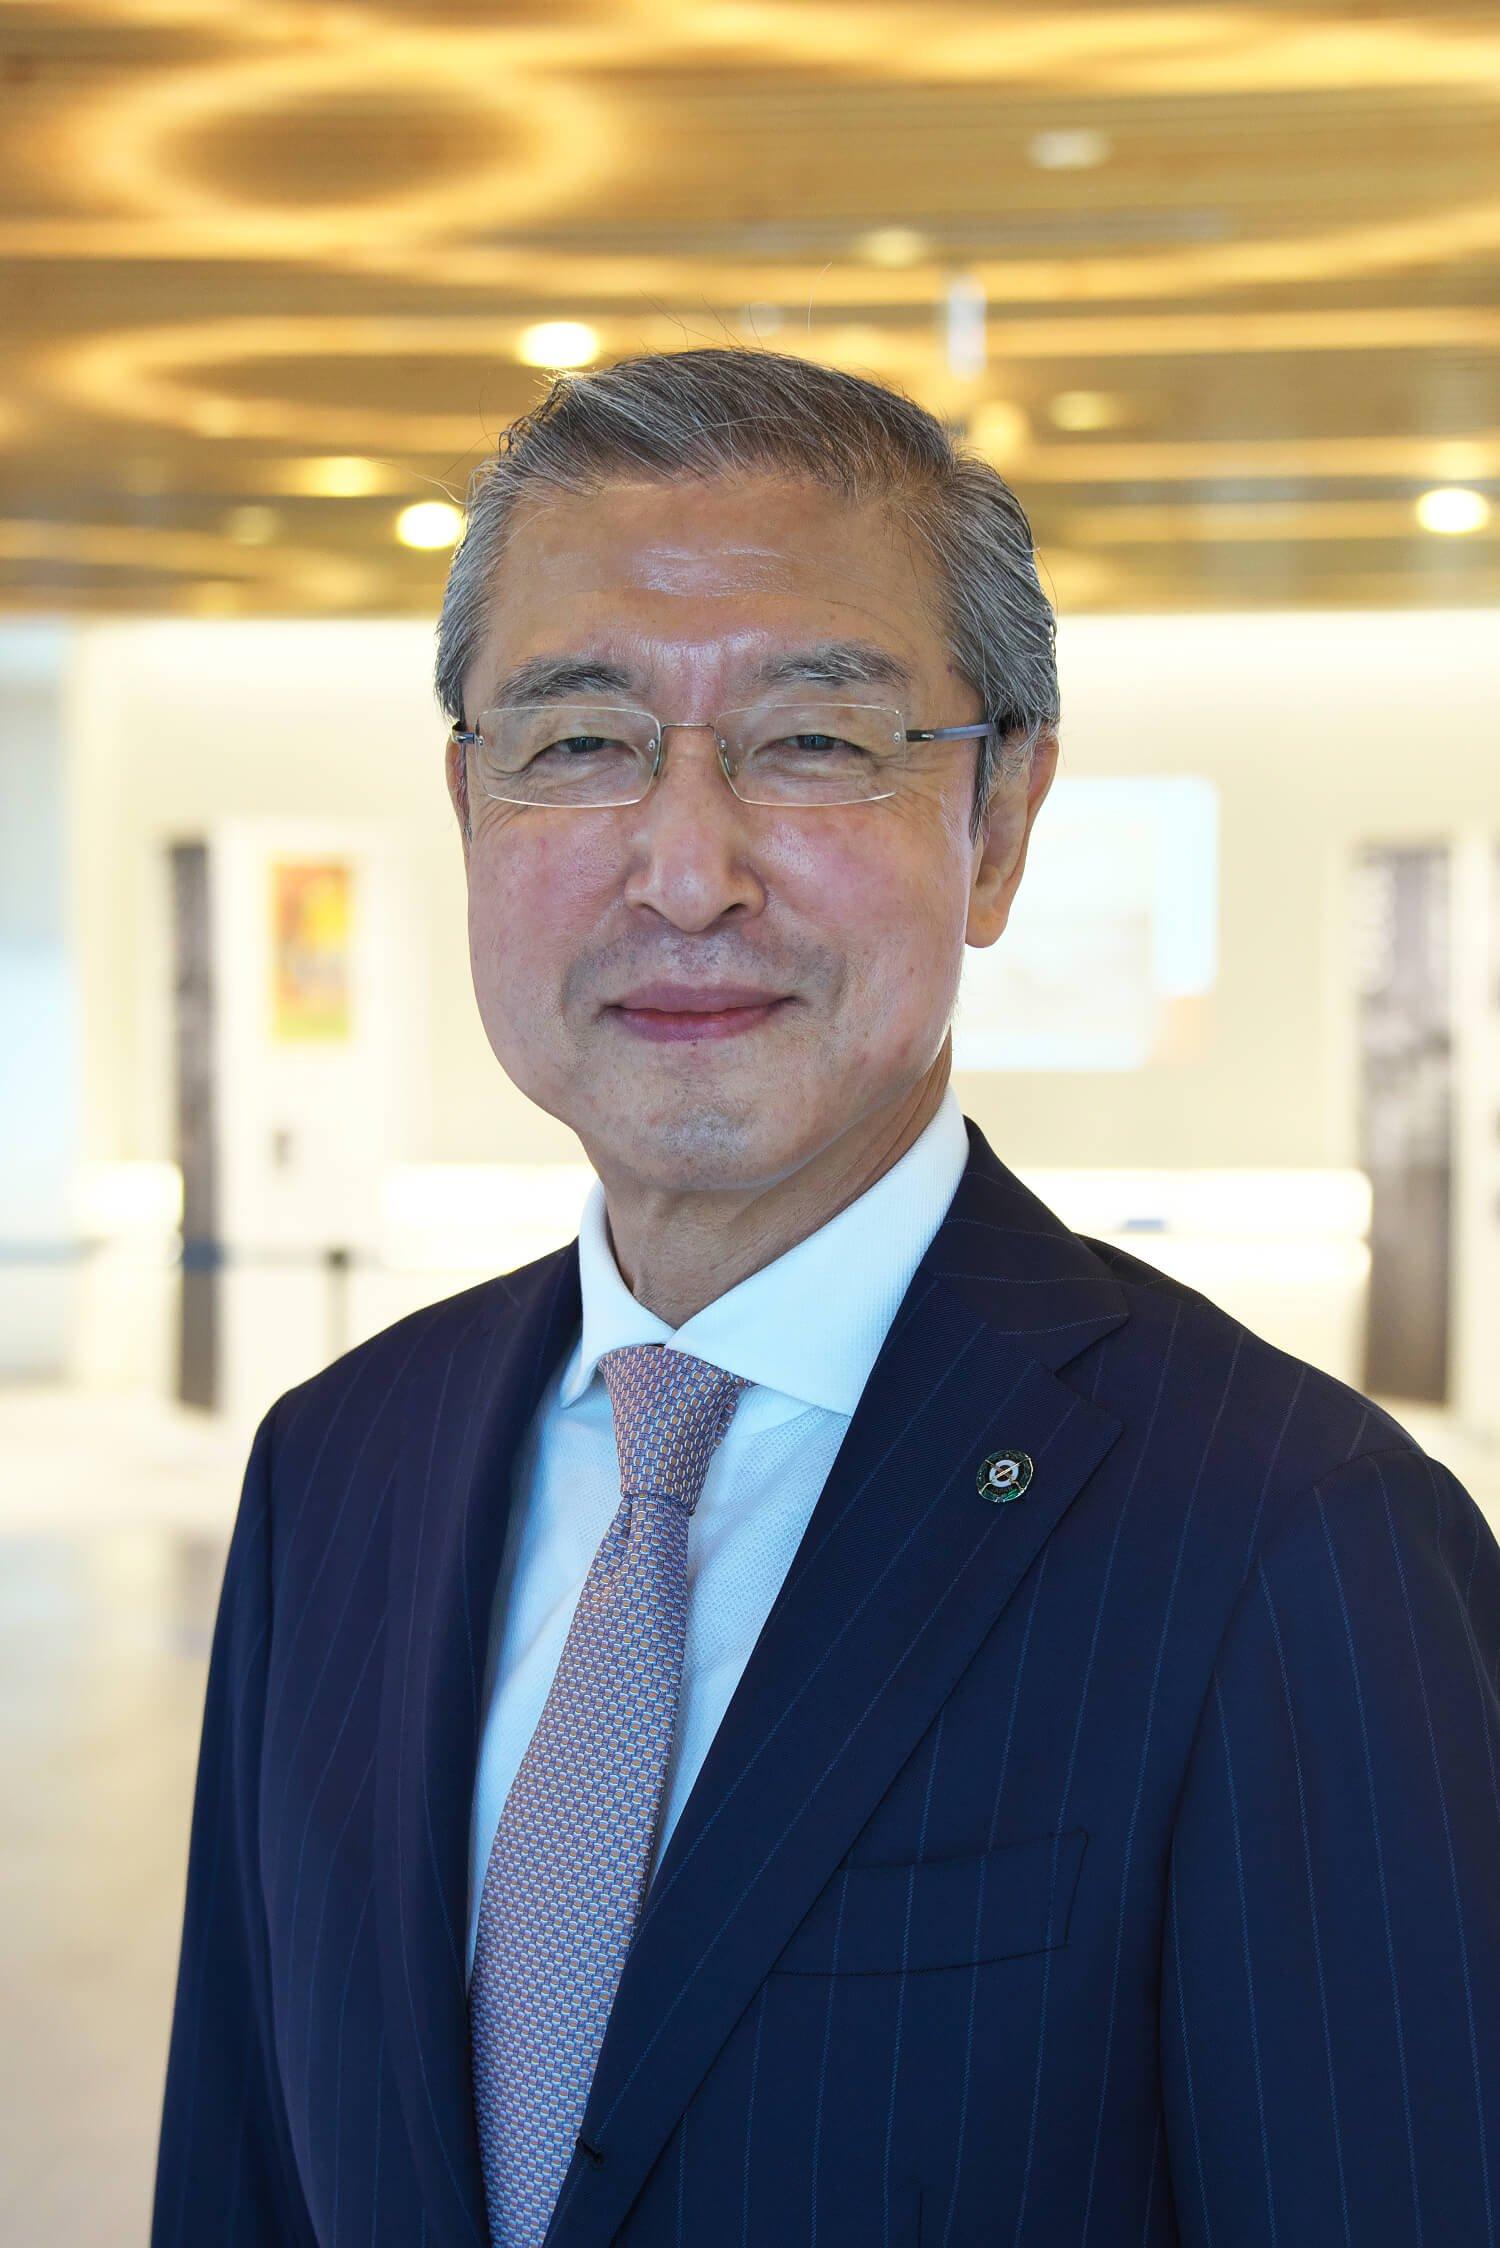 「日本ライフル射撃協会会長の松丸喜一郎さん。JOC副会長でもある。